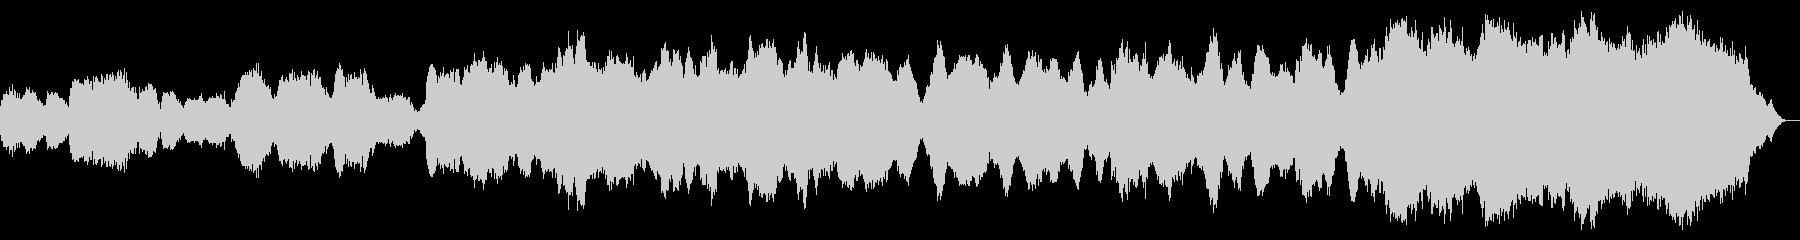 美しく響き渡るソプラノオペラの未再生の波形